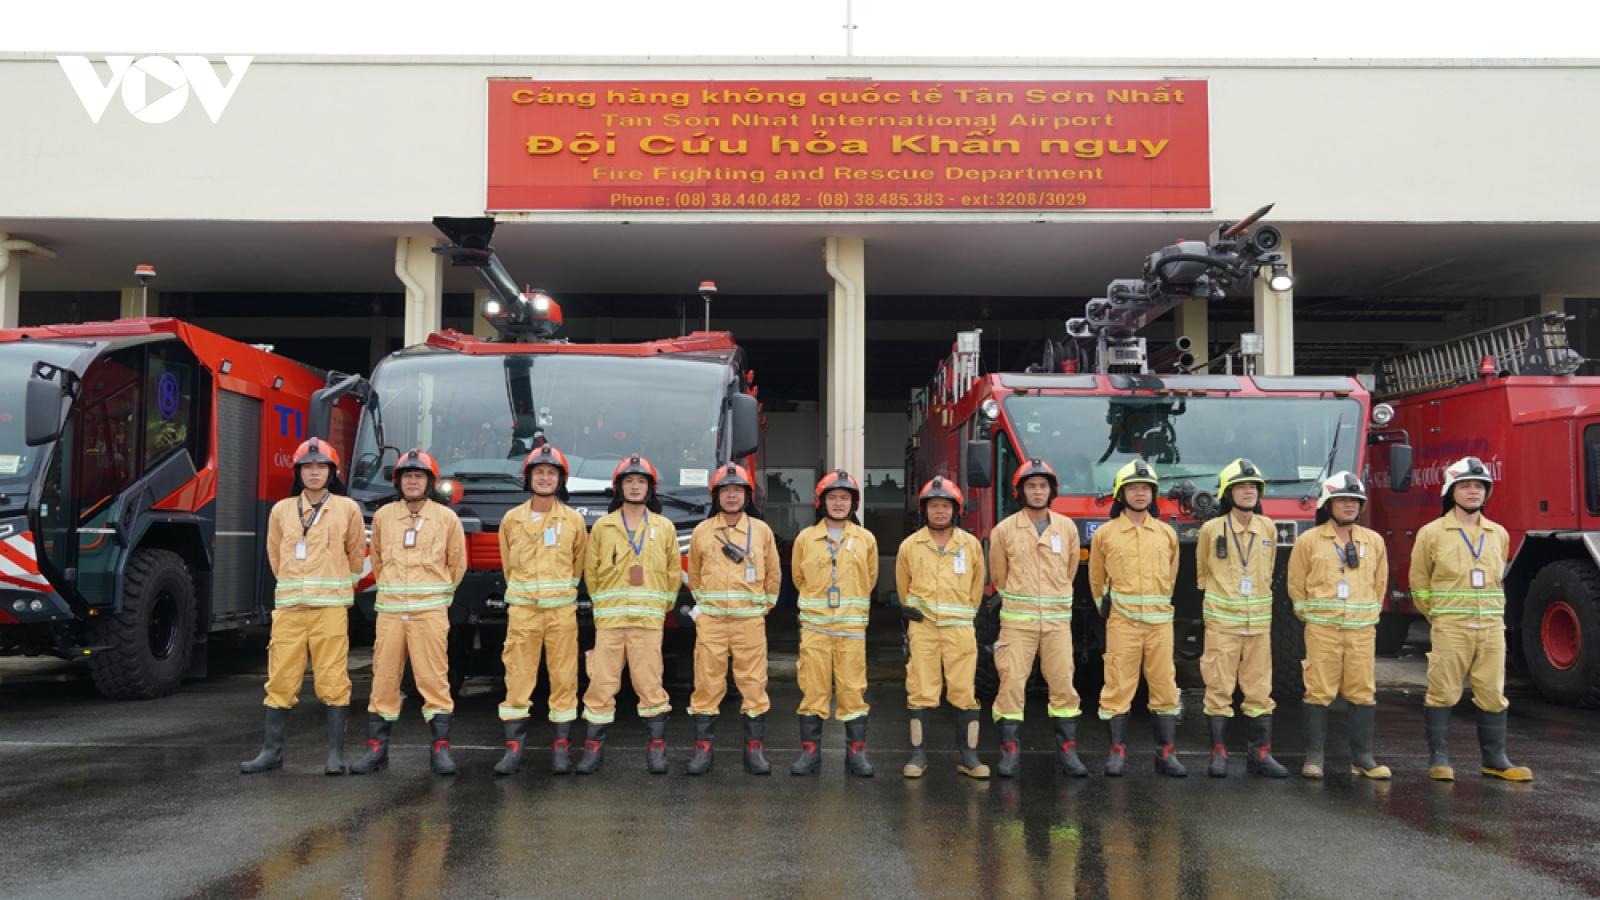 Lính cứu hoả phi trường Tân Sơn Nhất kể chuyện cứu máy bay